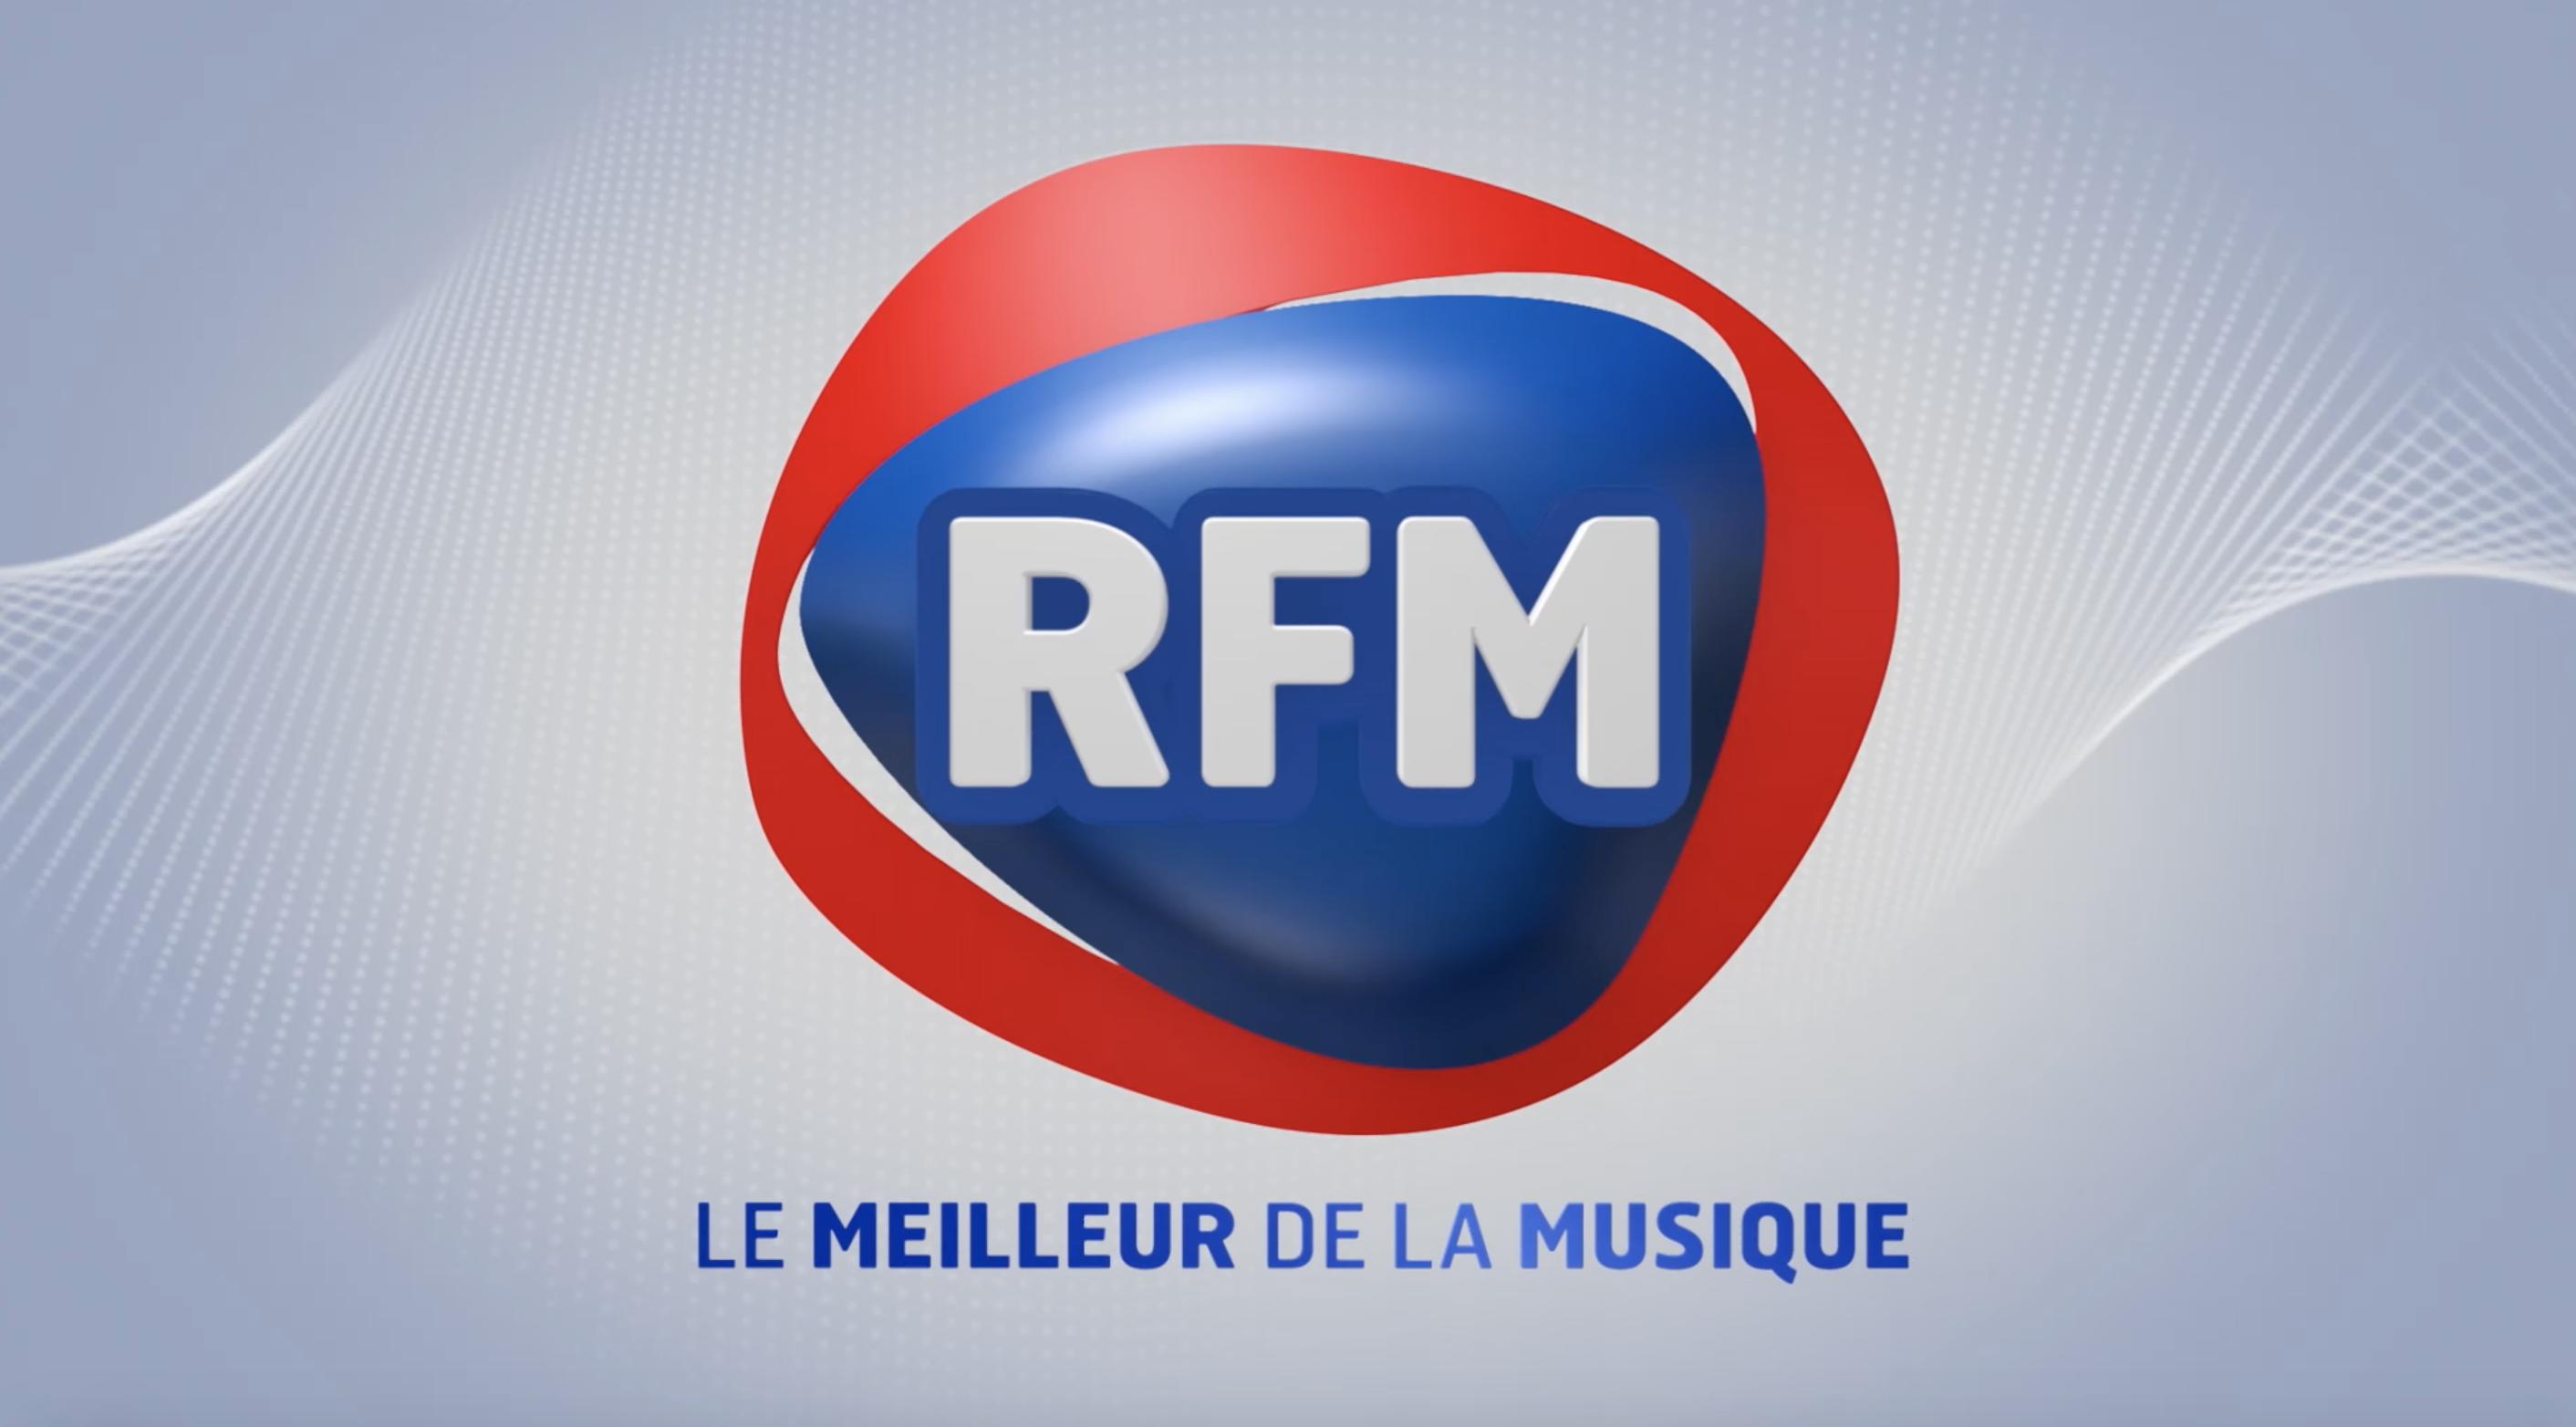 Bandeau RFM